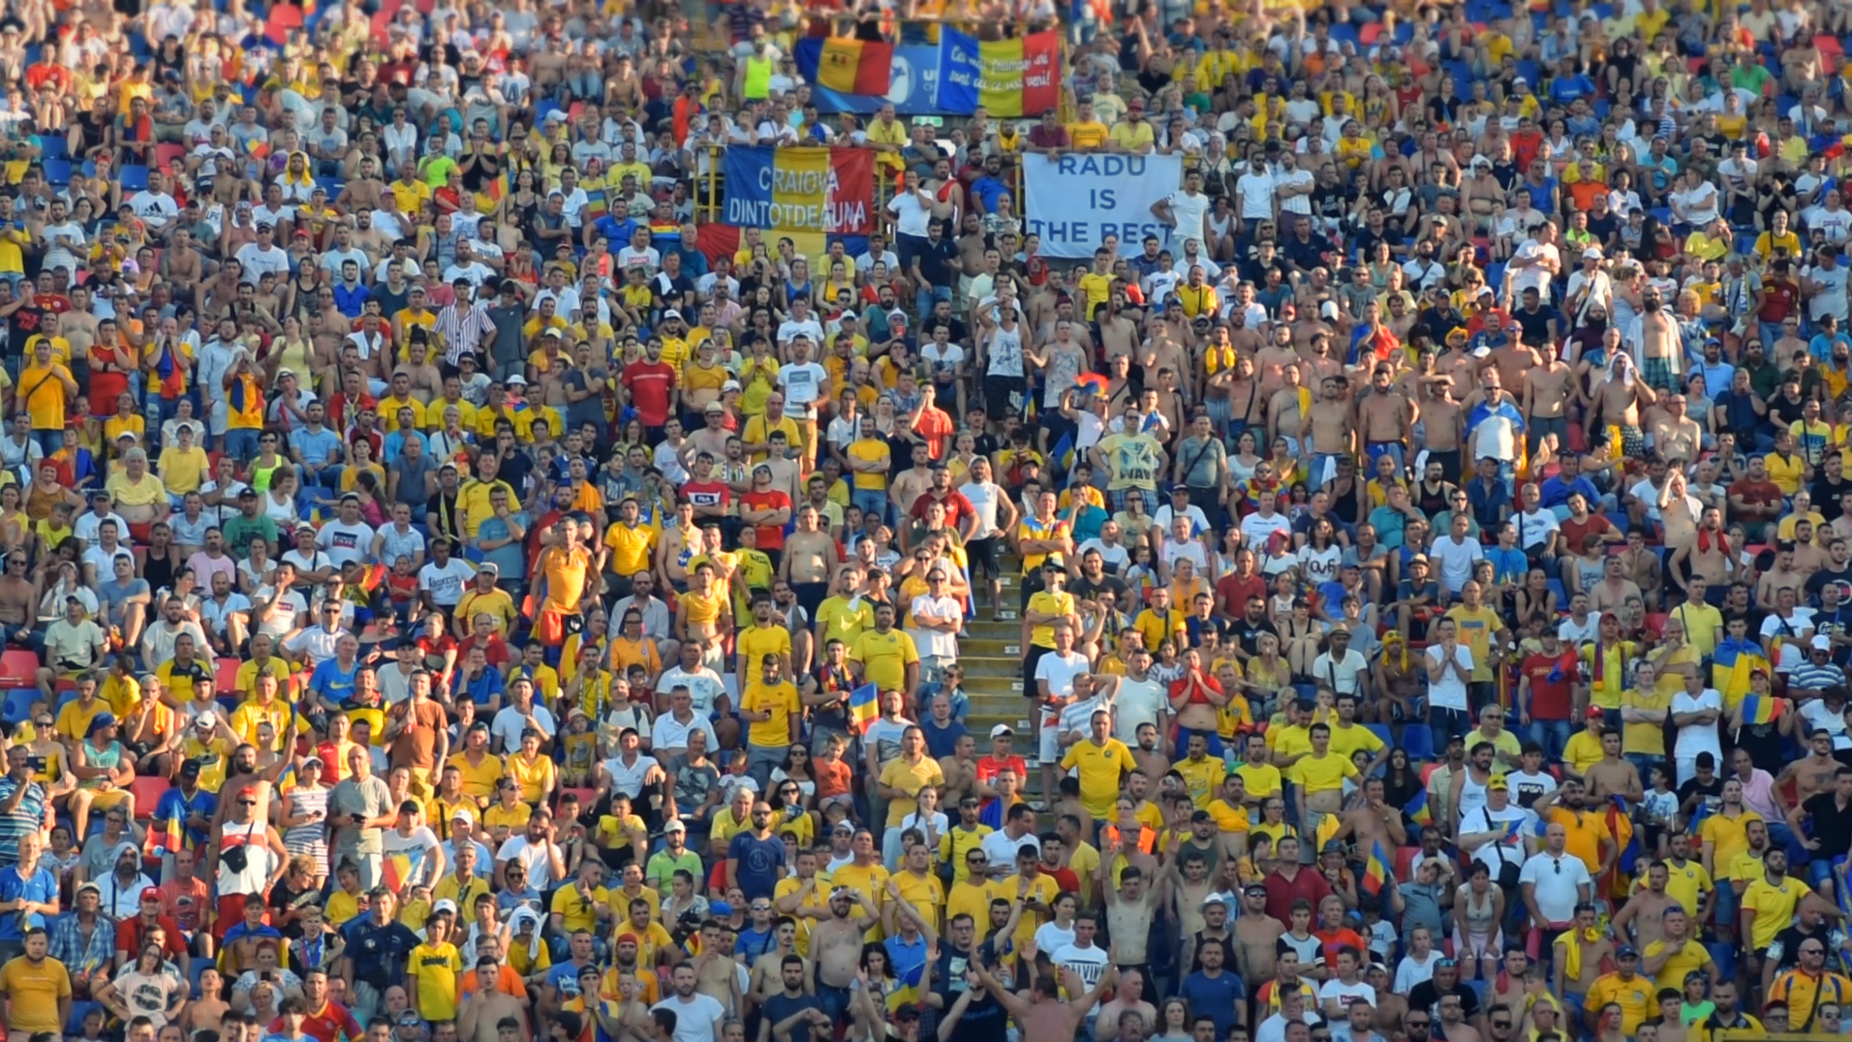 Bologna, Italia. 27 iunie 2019. Peste 15.000 de români din toate colțurile Europei au venit să susțină echipa națională de tineret la meciul cu Germania. FOTO: Recorder